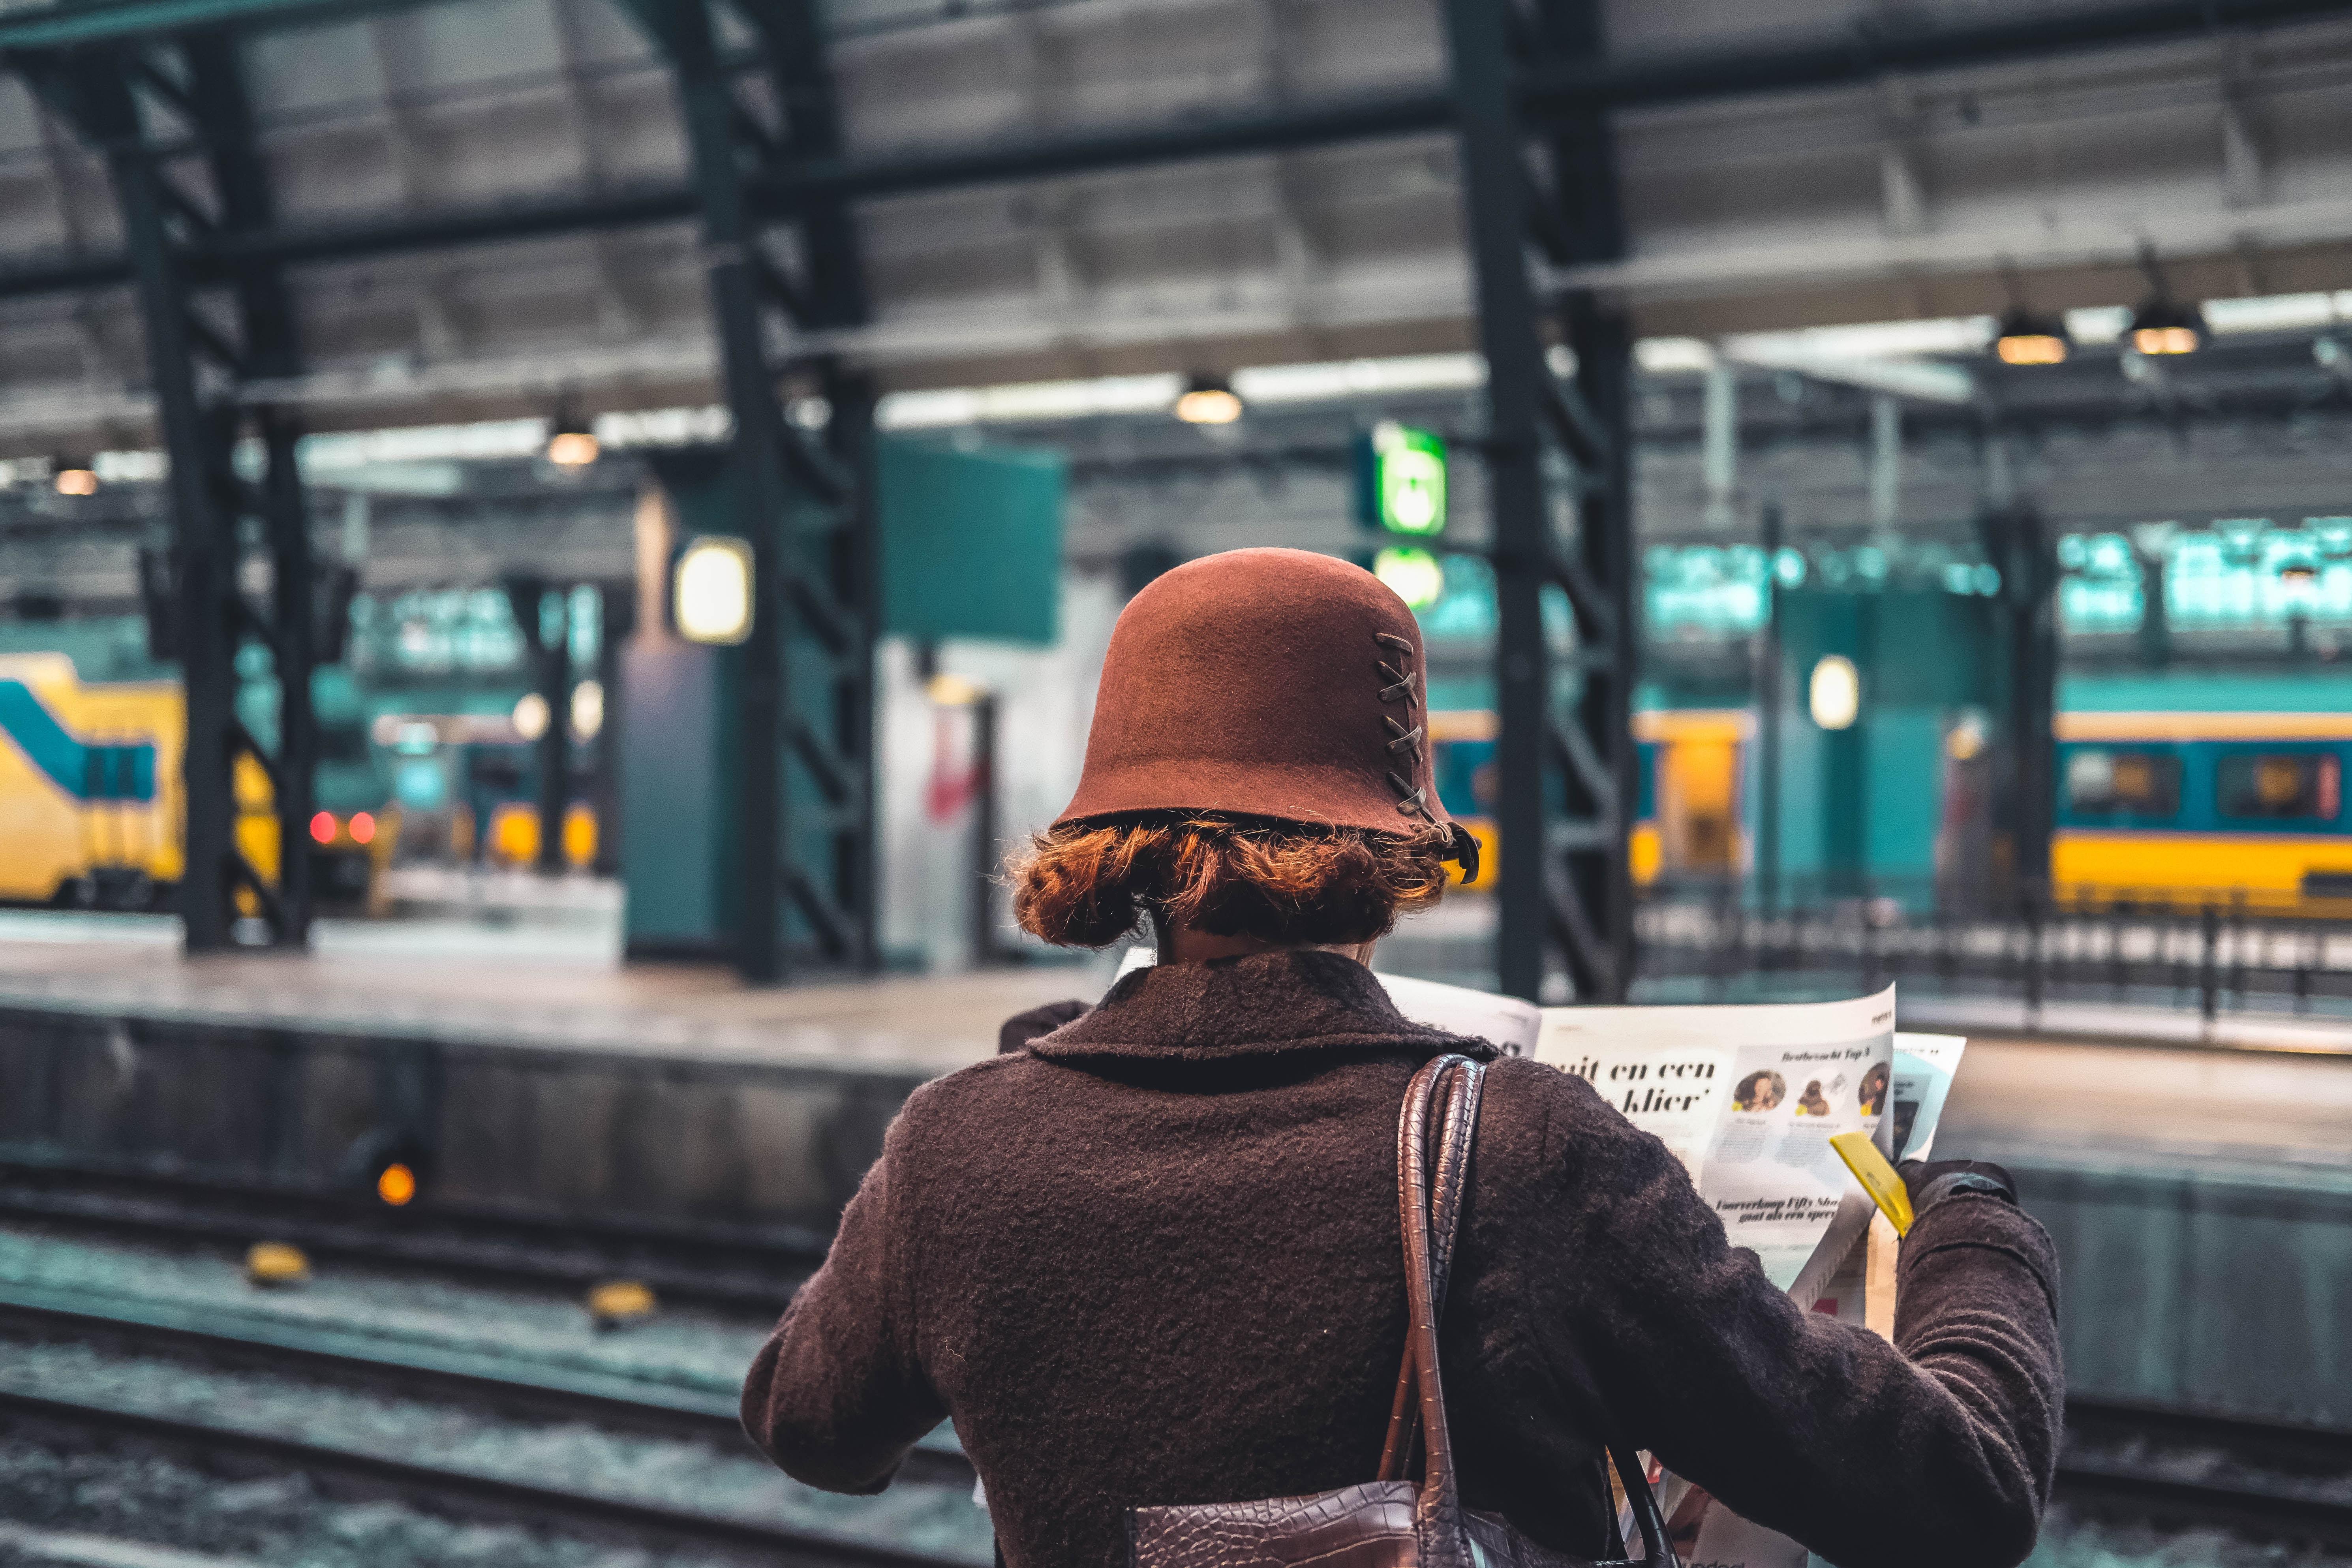 Bild von einer Zeitung lesenden Frau am Bahnsteig